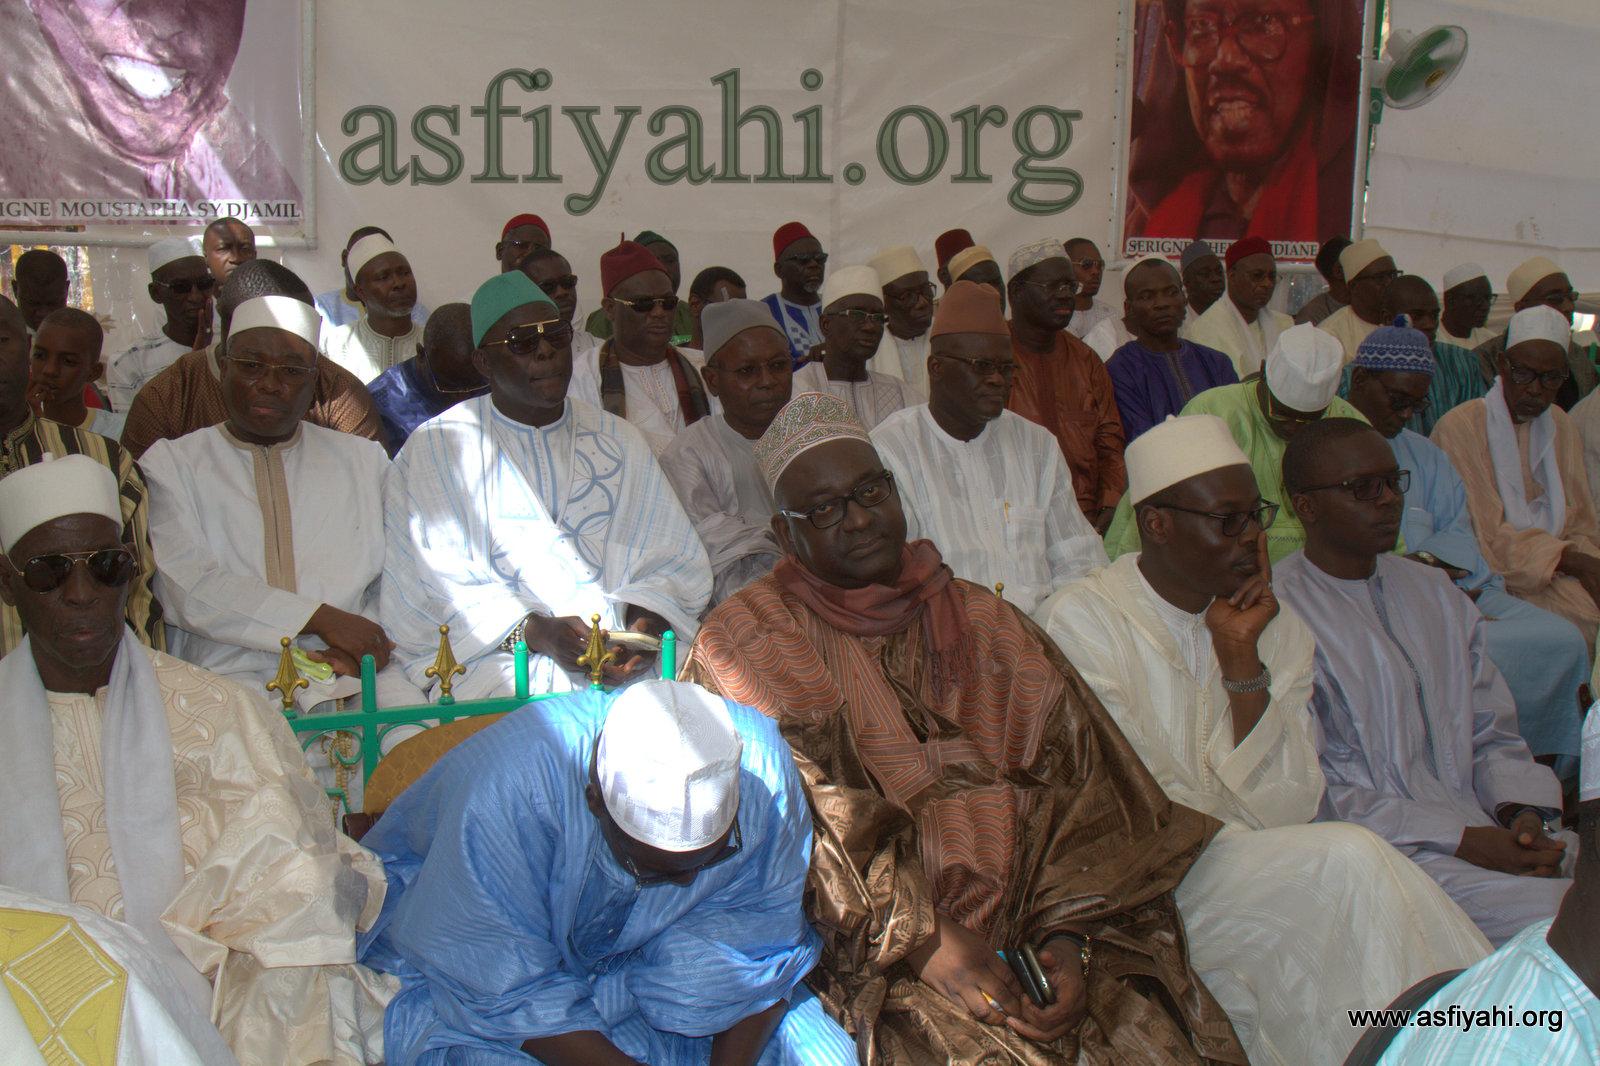 PHOTOS : Les Images  de la Conférence de la Hadara Seydi Djamil 2015 présidée par Serigne Mbaye Sy Abdou, dimanche 21 juin 2015 à fass